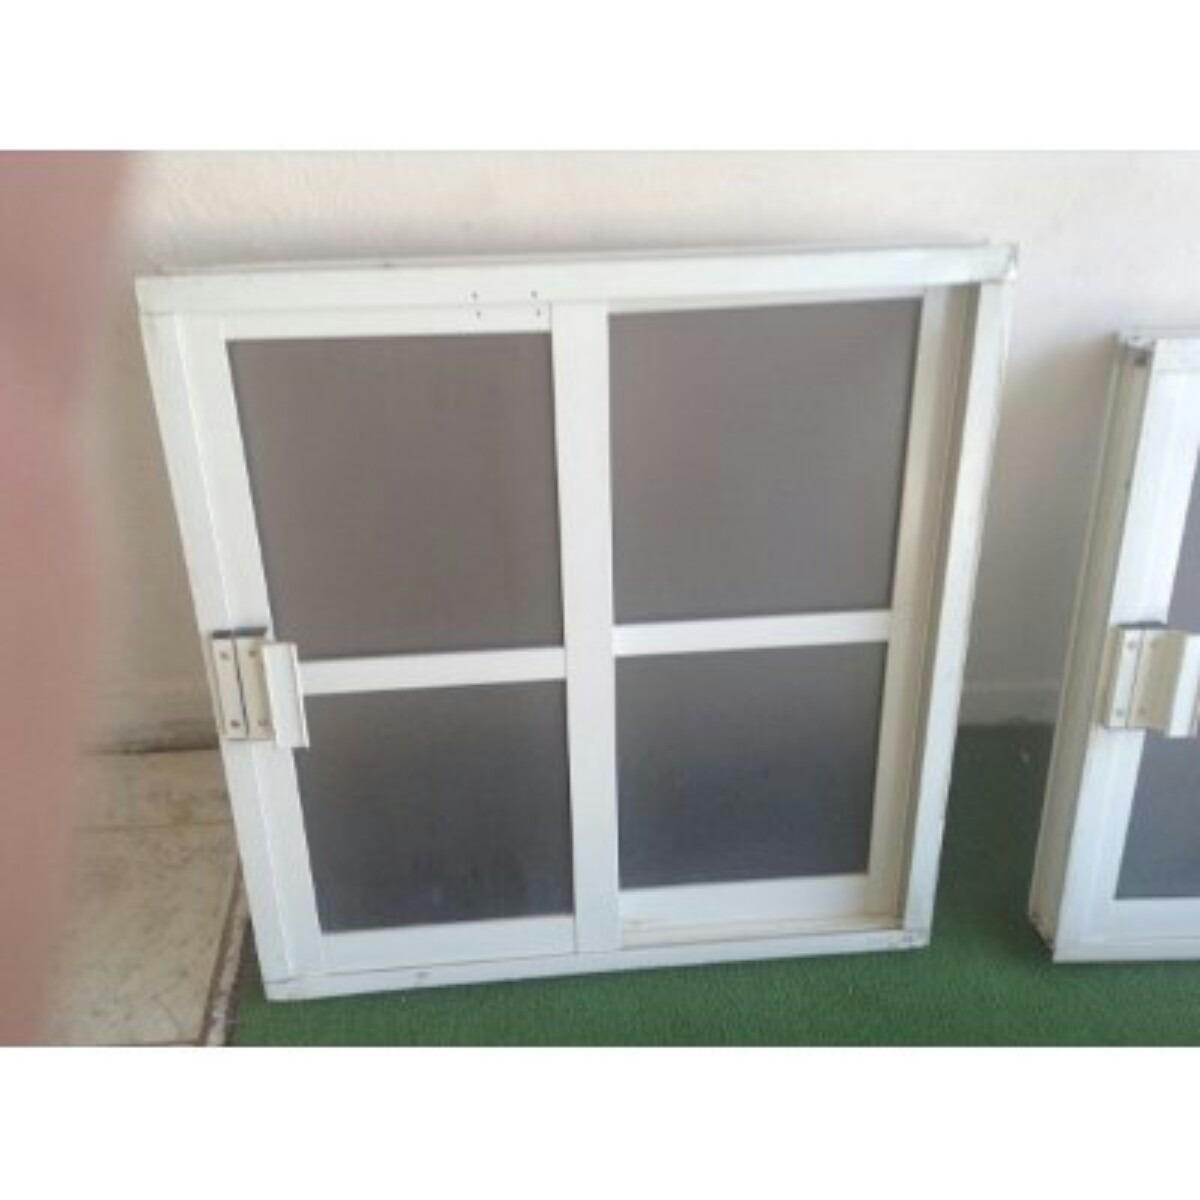 ventanas de aluminio 1250 1 en mercado libre